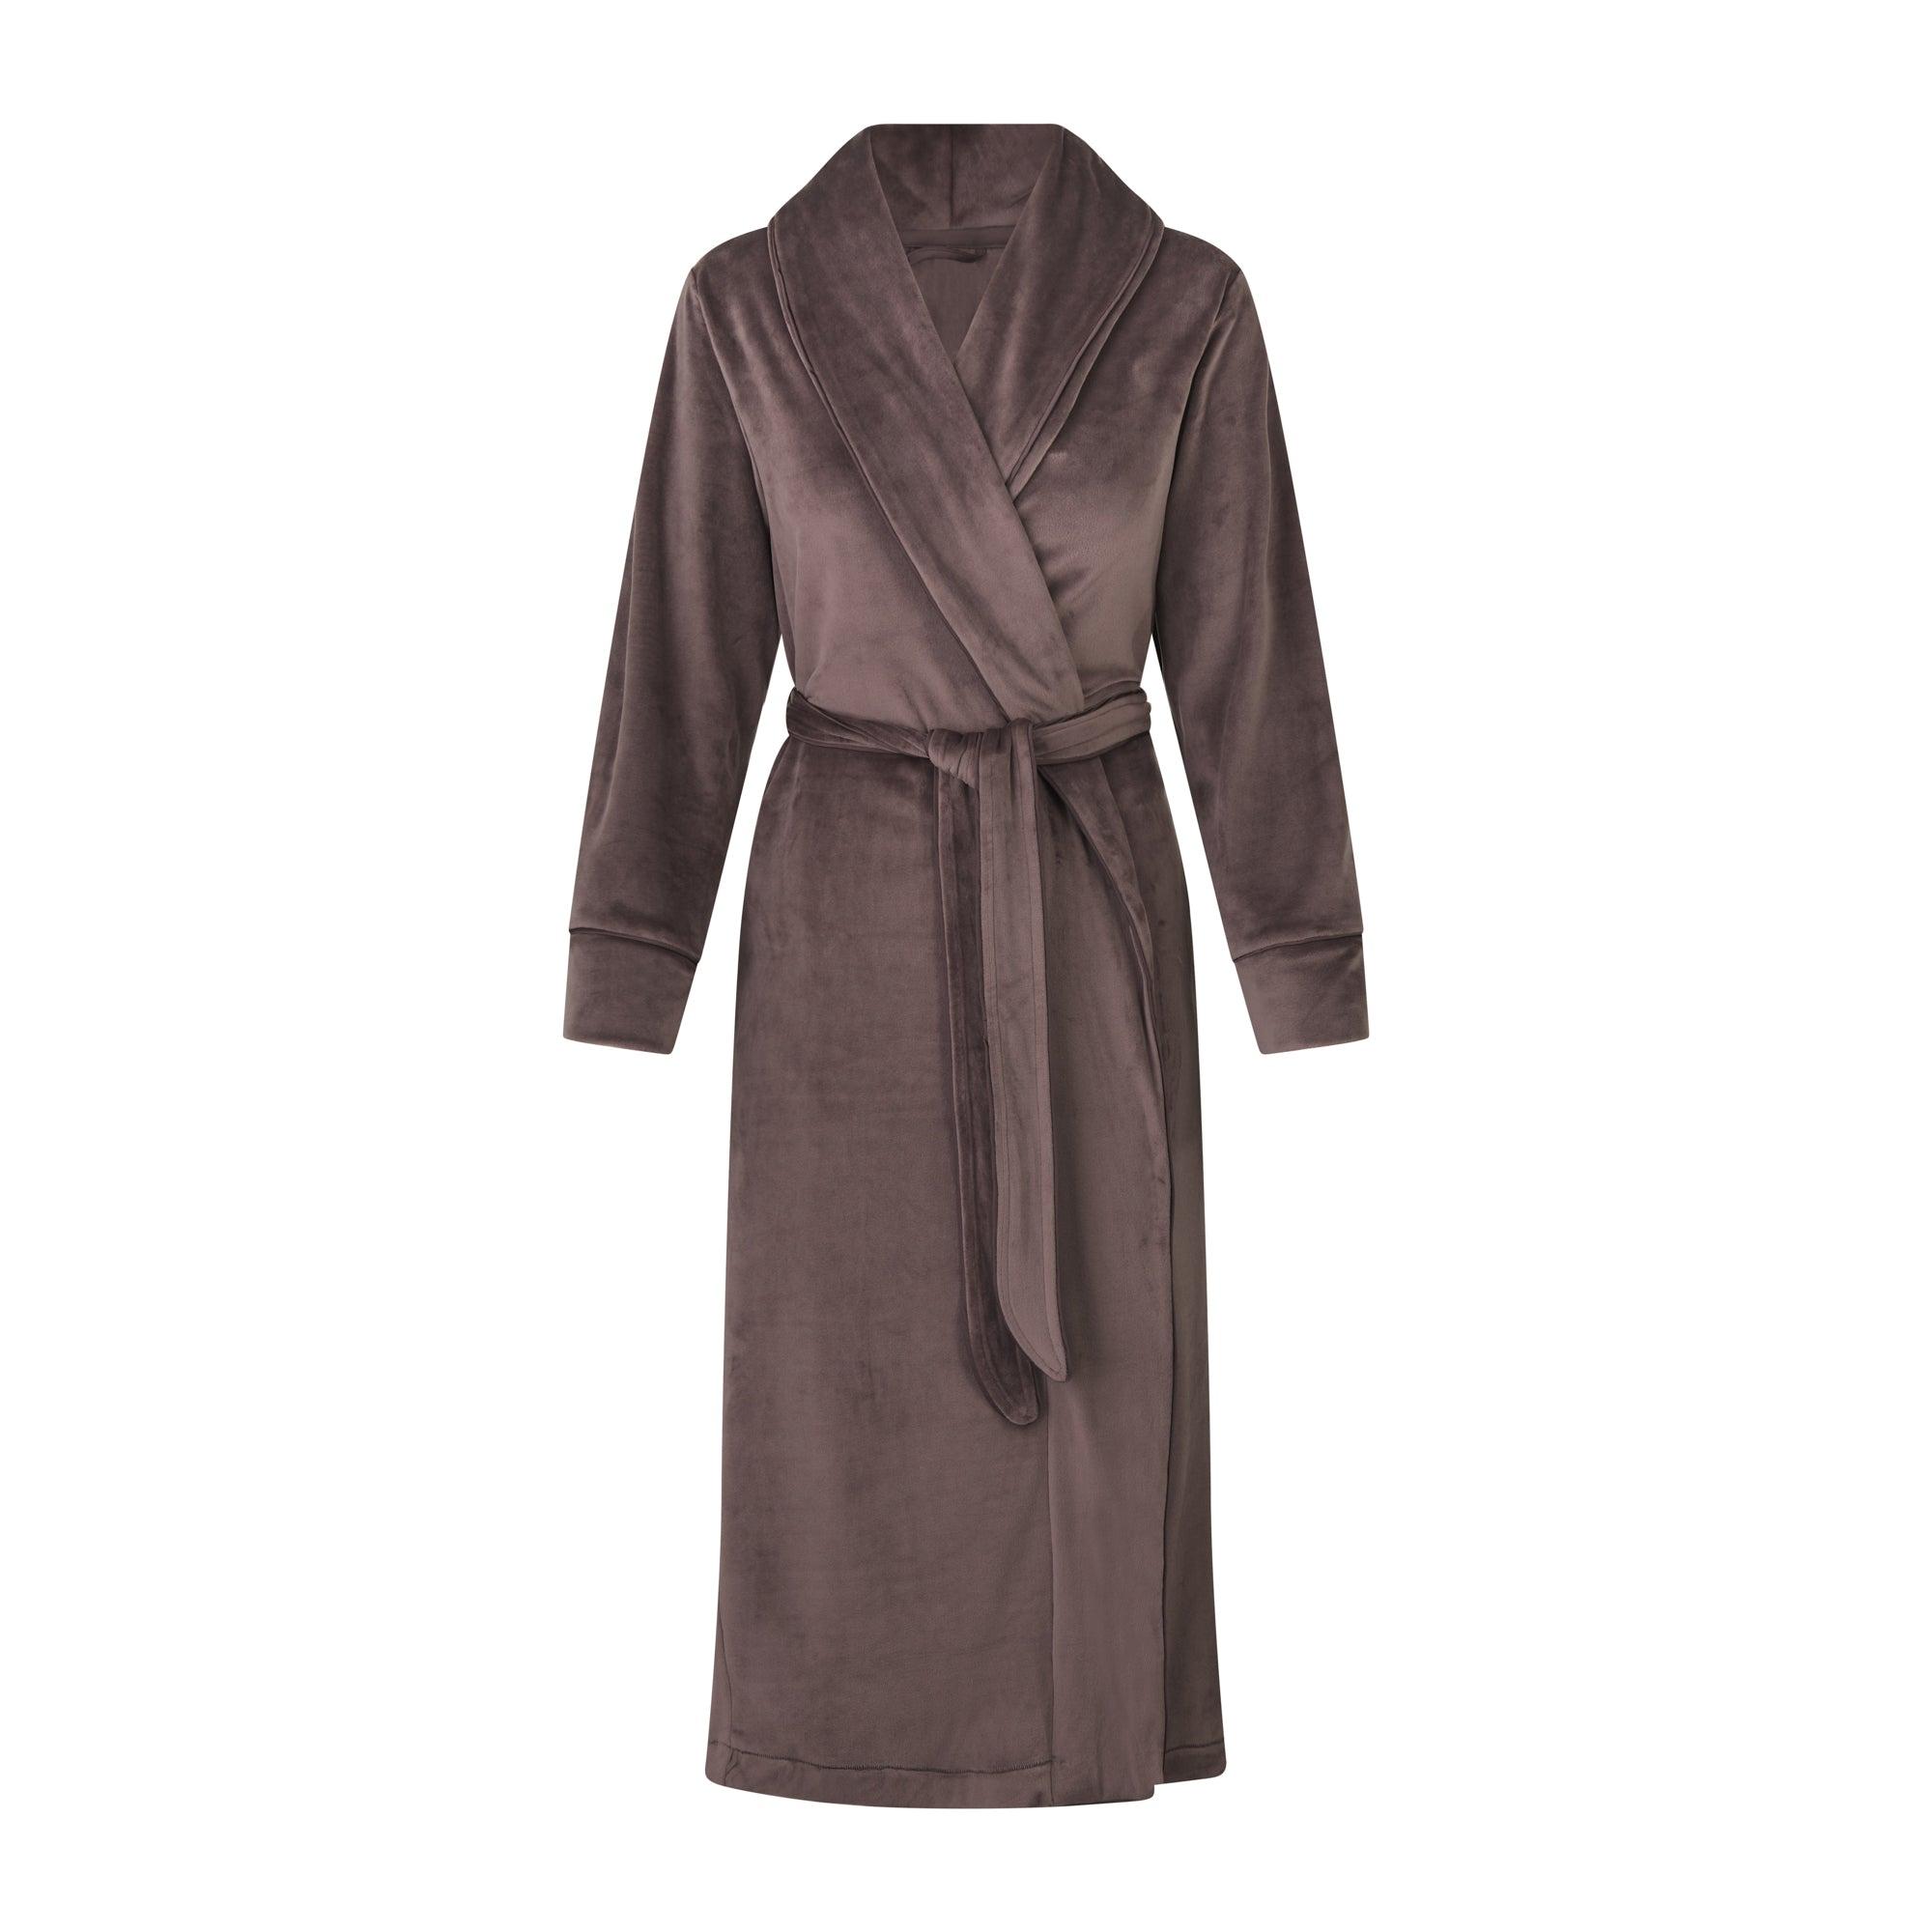 SKIMS Women's Velour Long Robe - Brown - Size XL; Brown